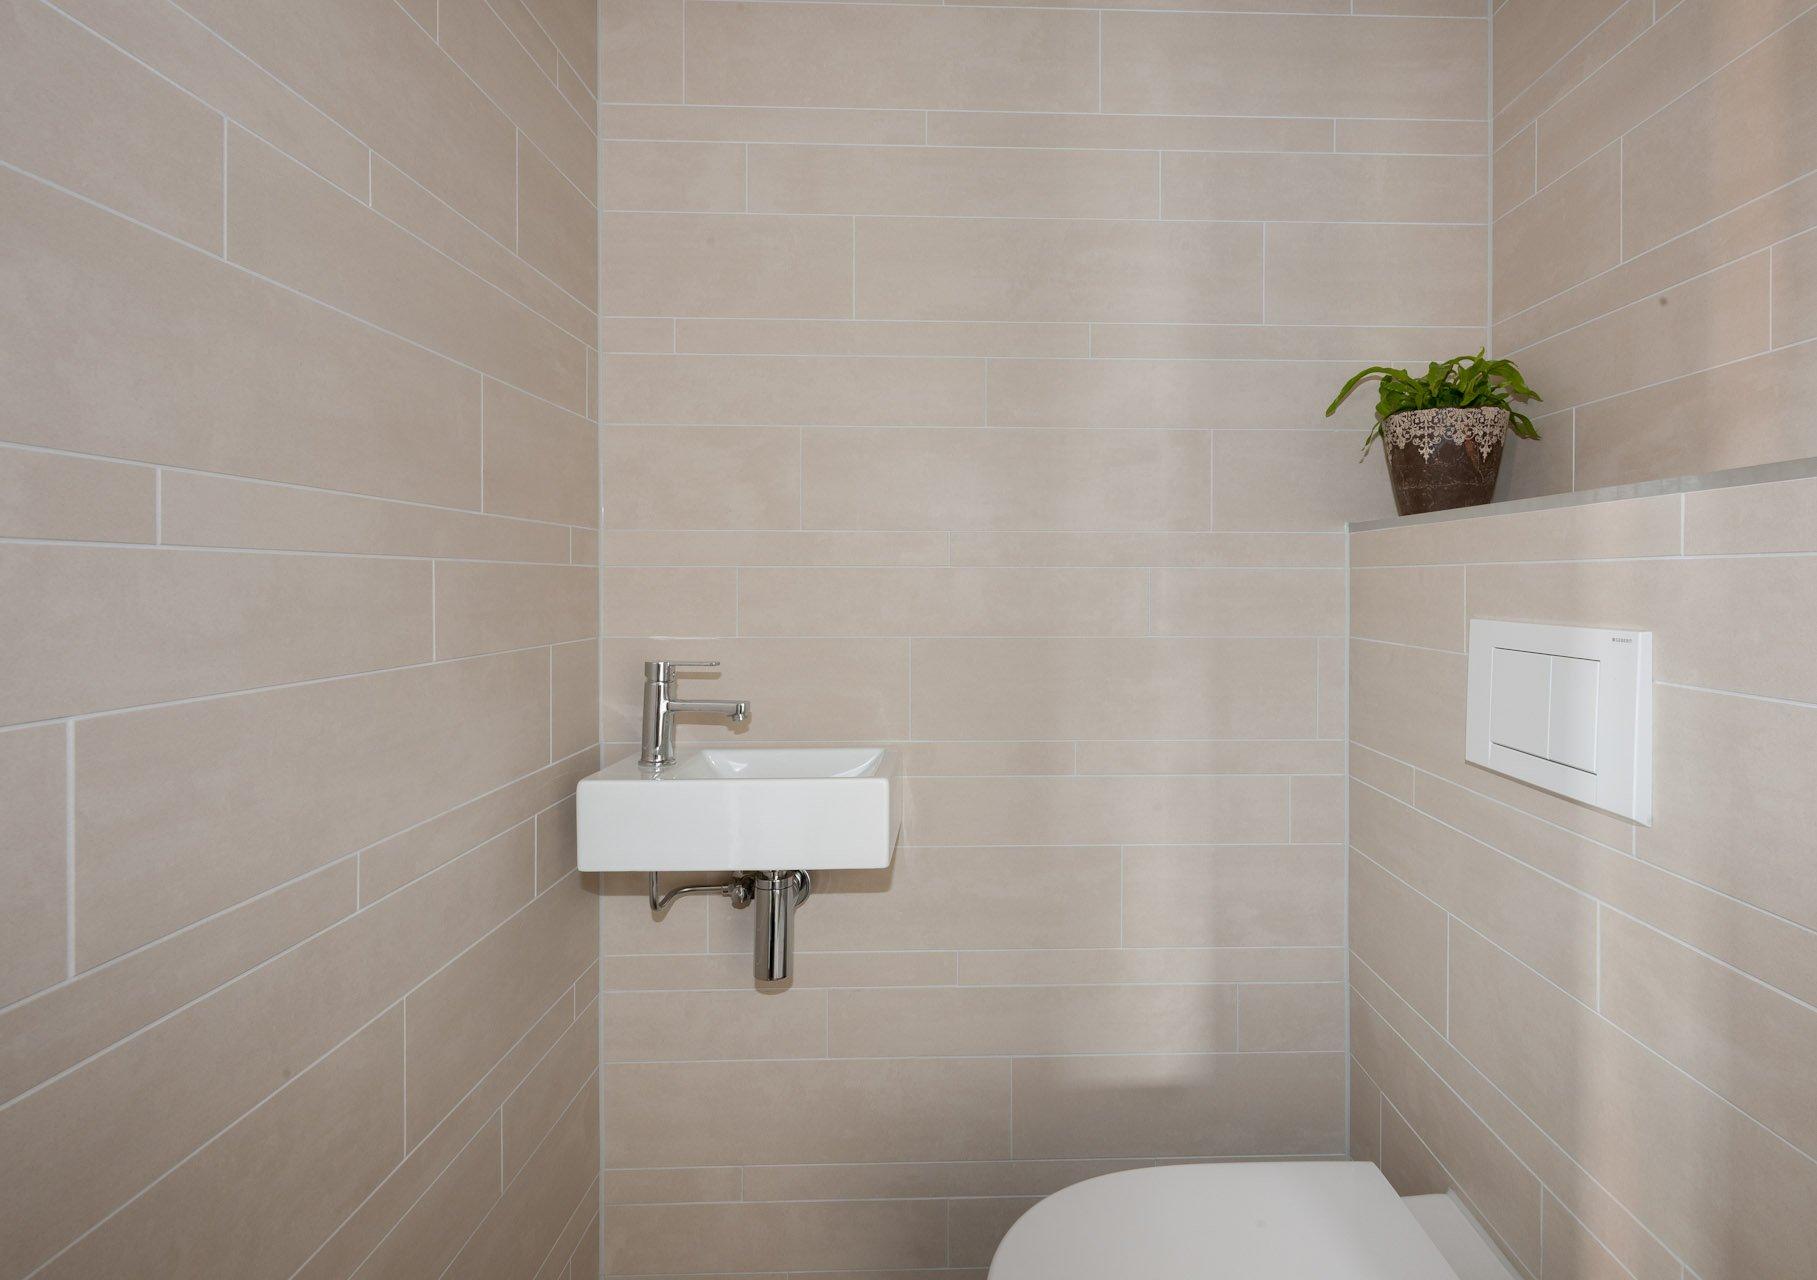 Wandtegels badkamer kroon vloer in steen - Badkamer wc ...